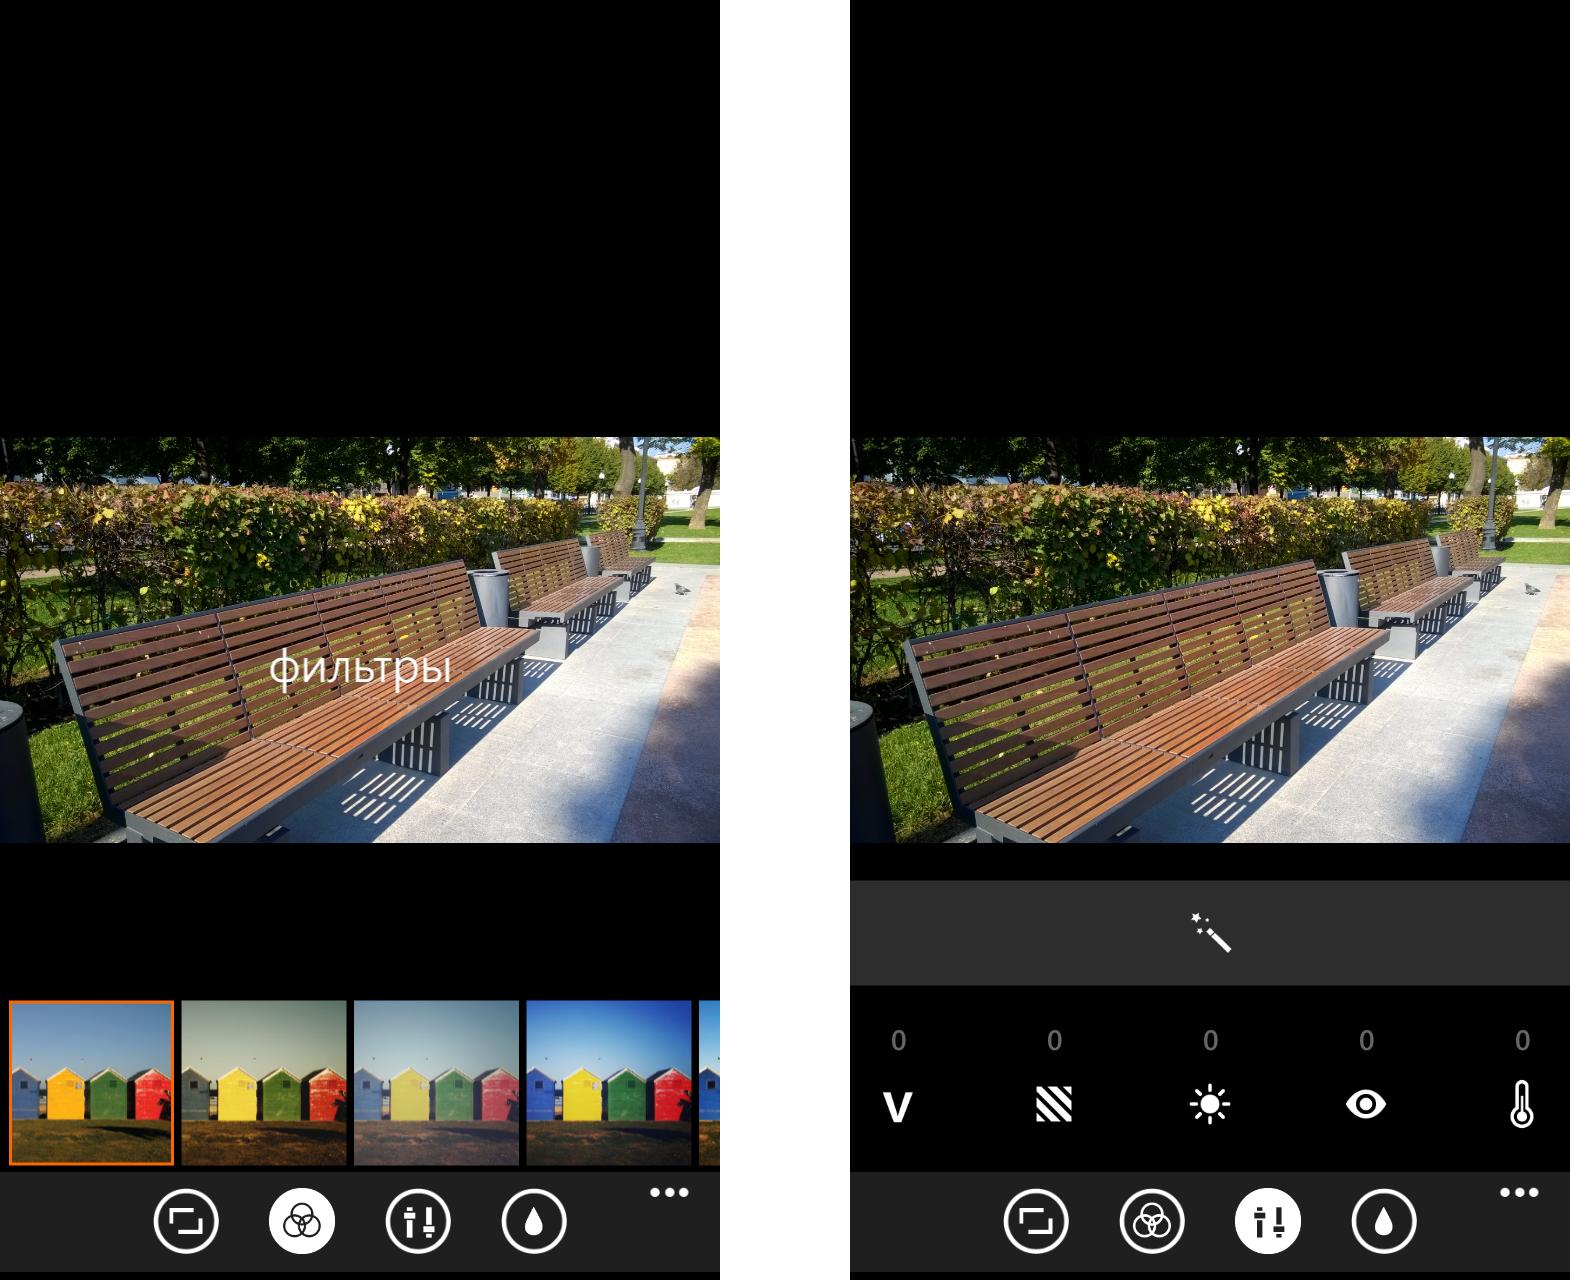 Nokia Lumia 830 - фильтры